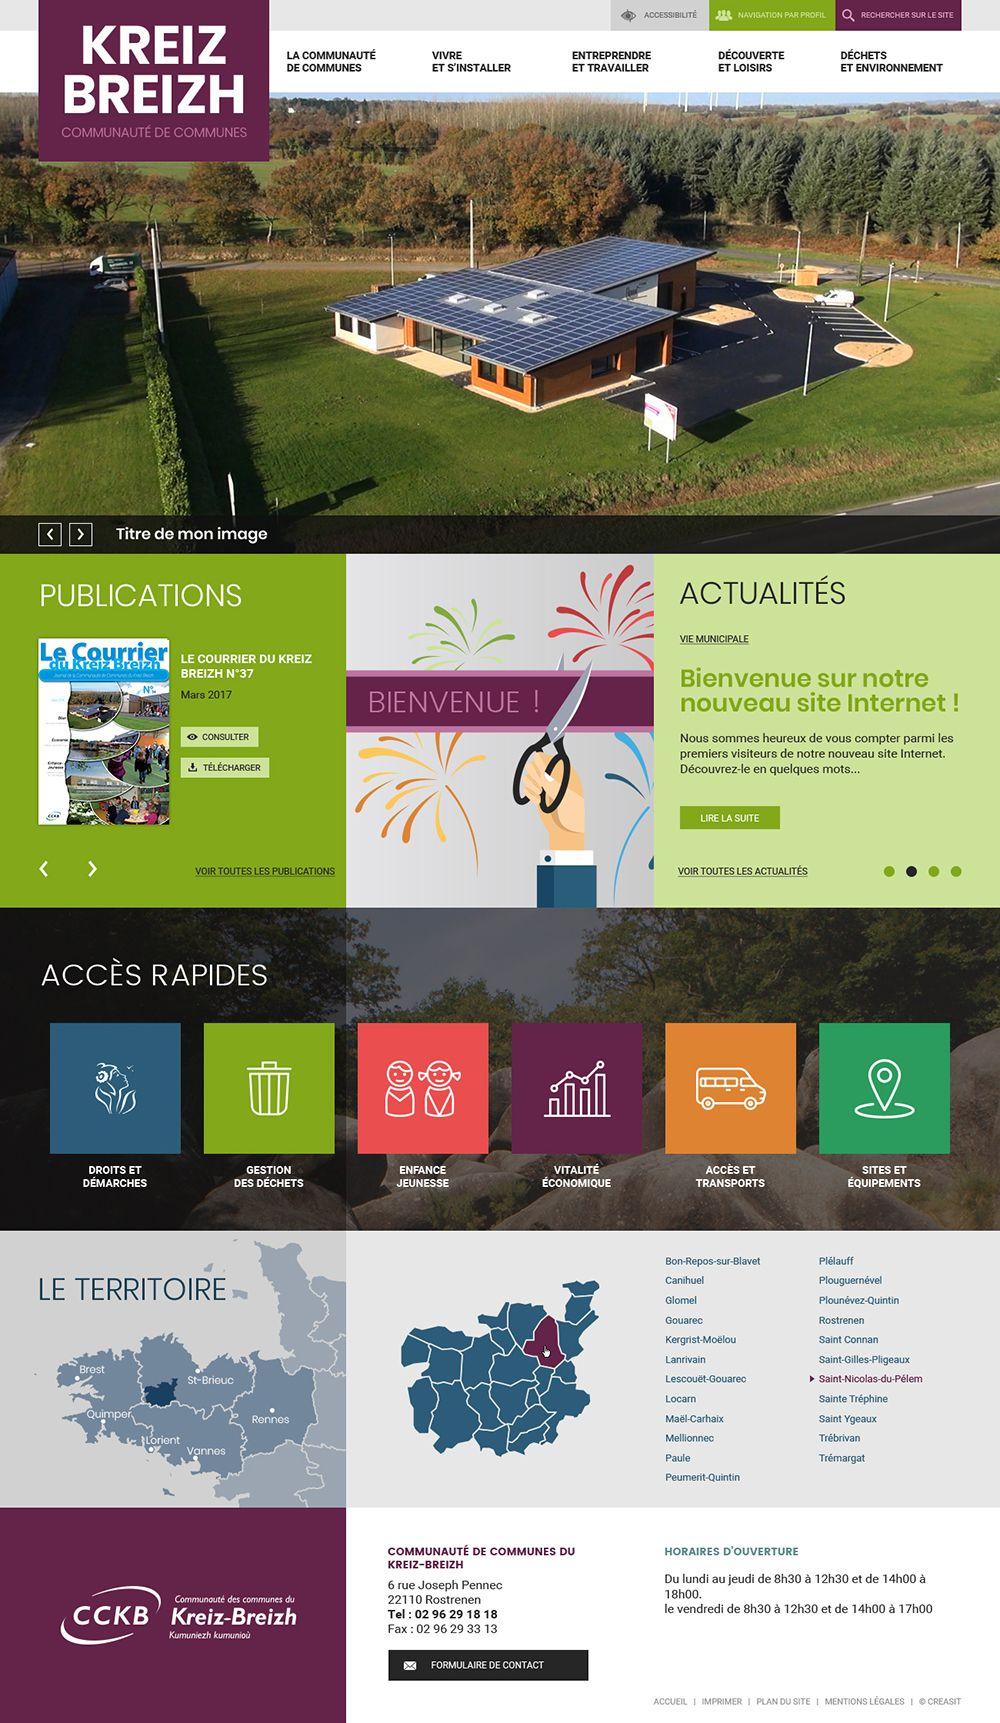 Createur De Site Internet création du site web de la communauté de communes du kreiz